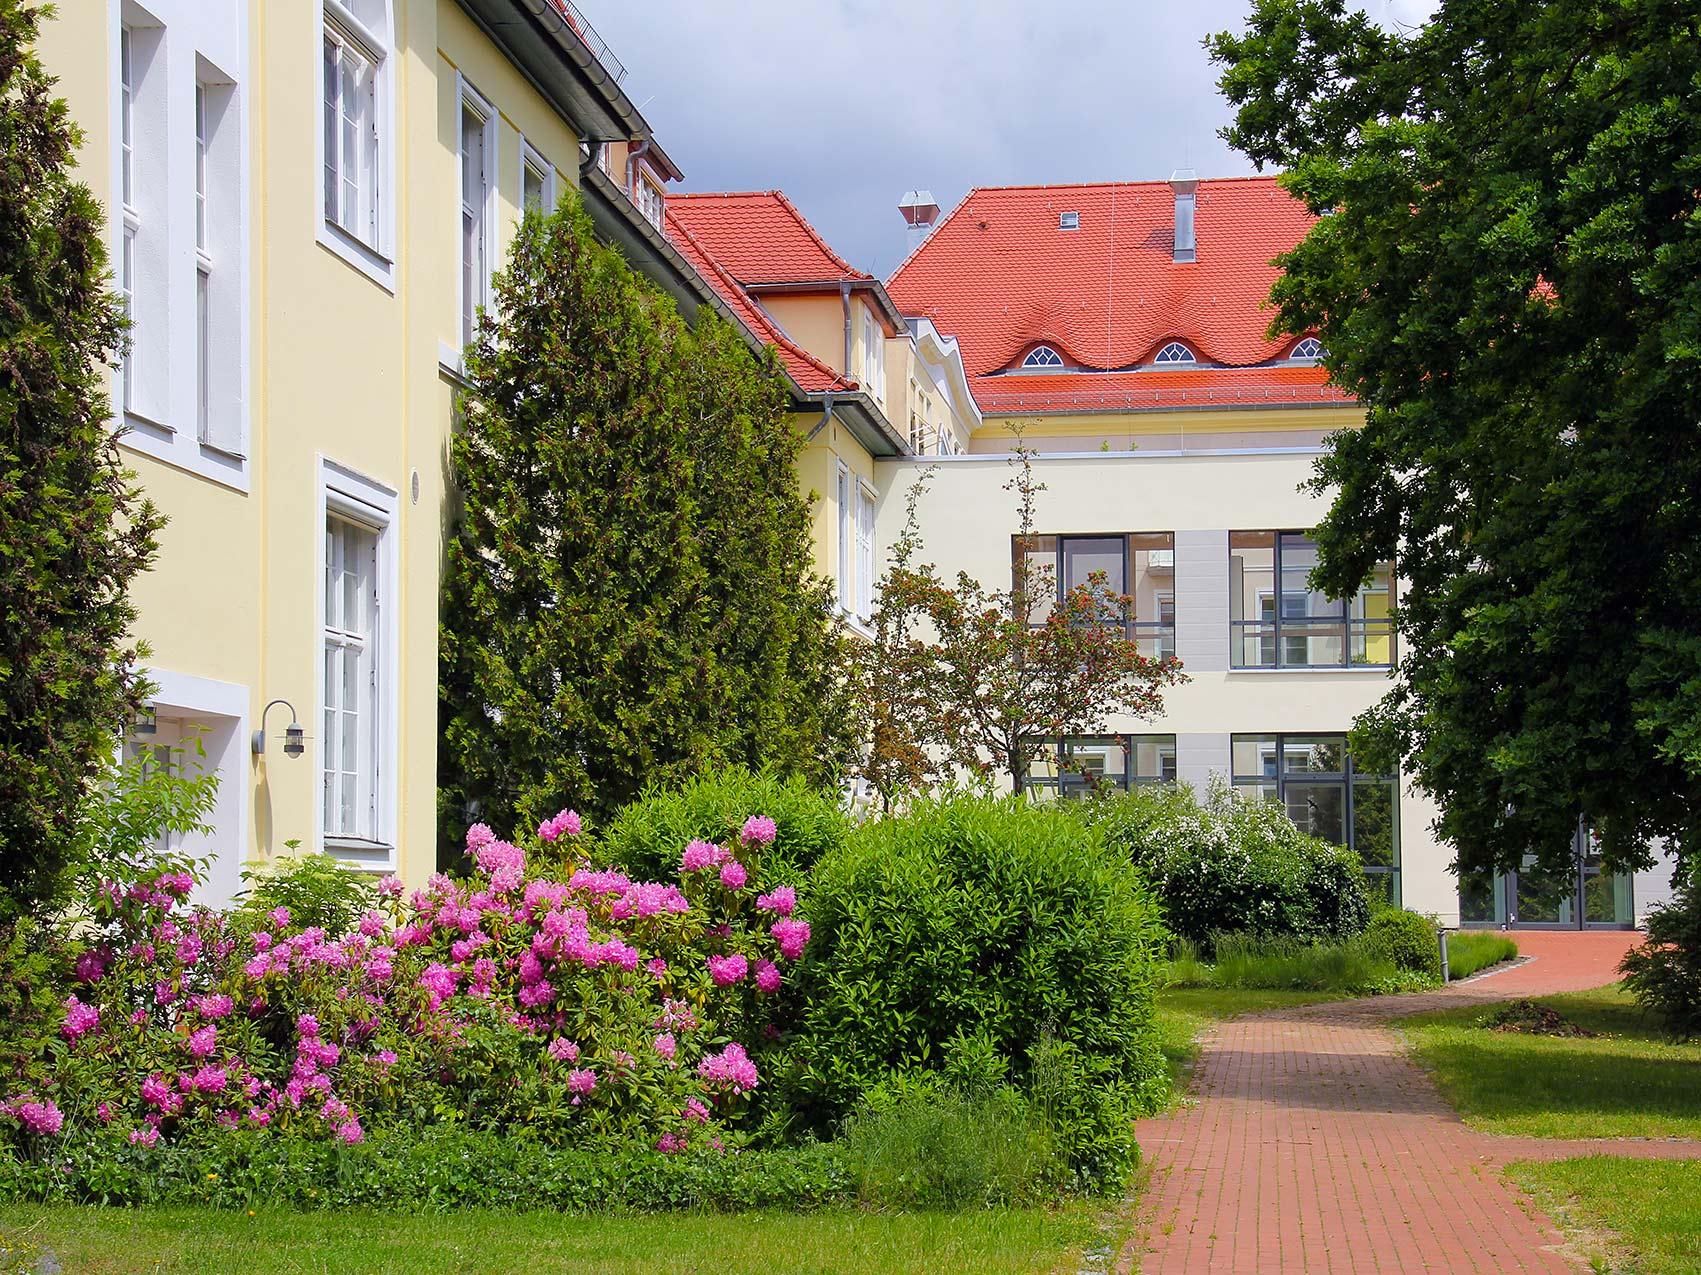 innenhof-2a-mit-rhododendren